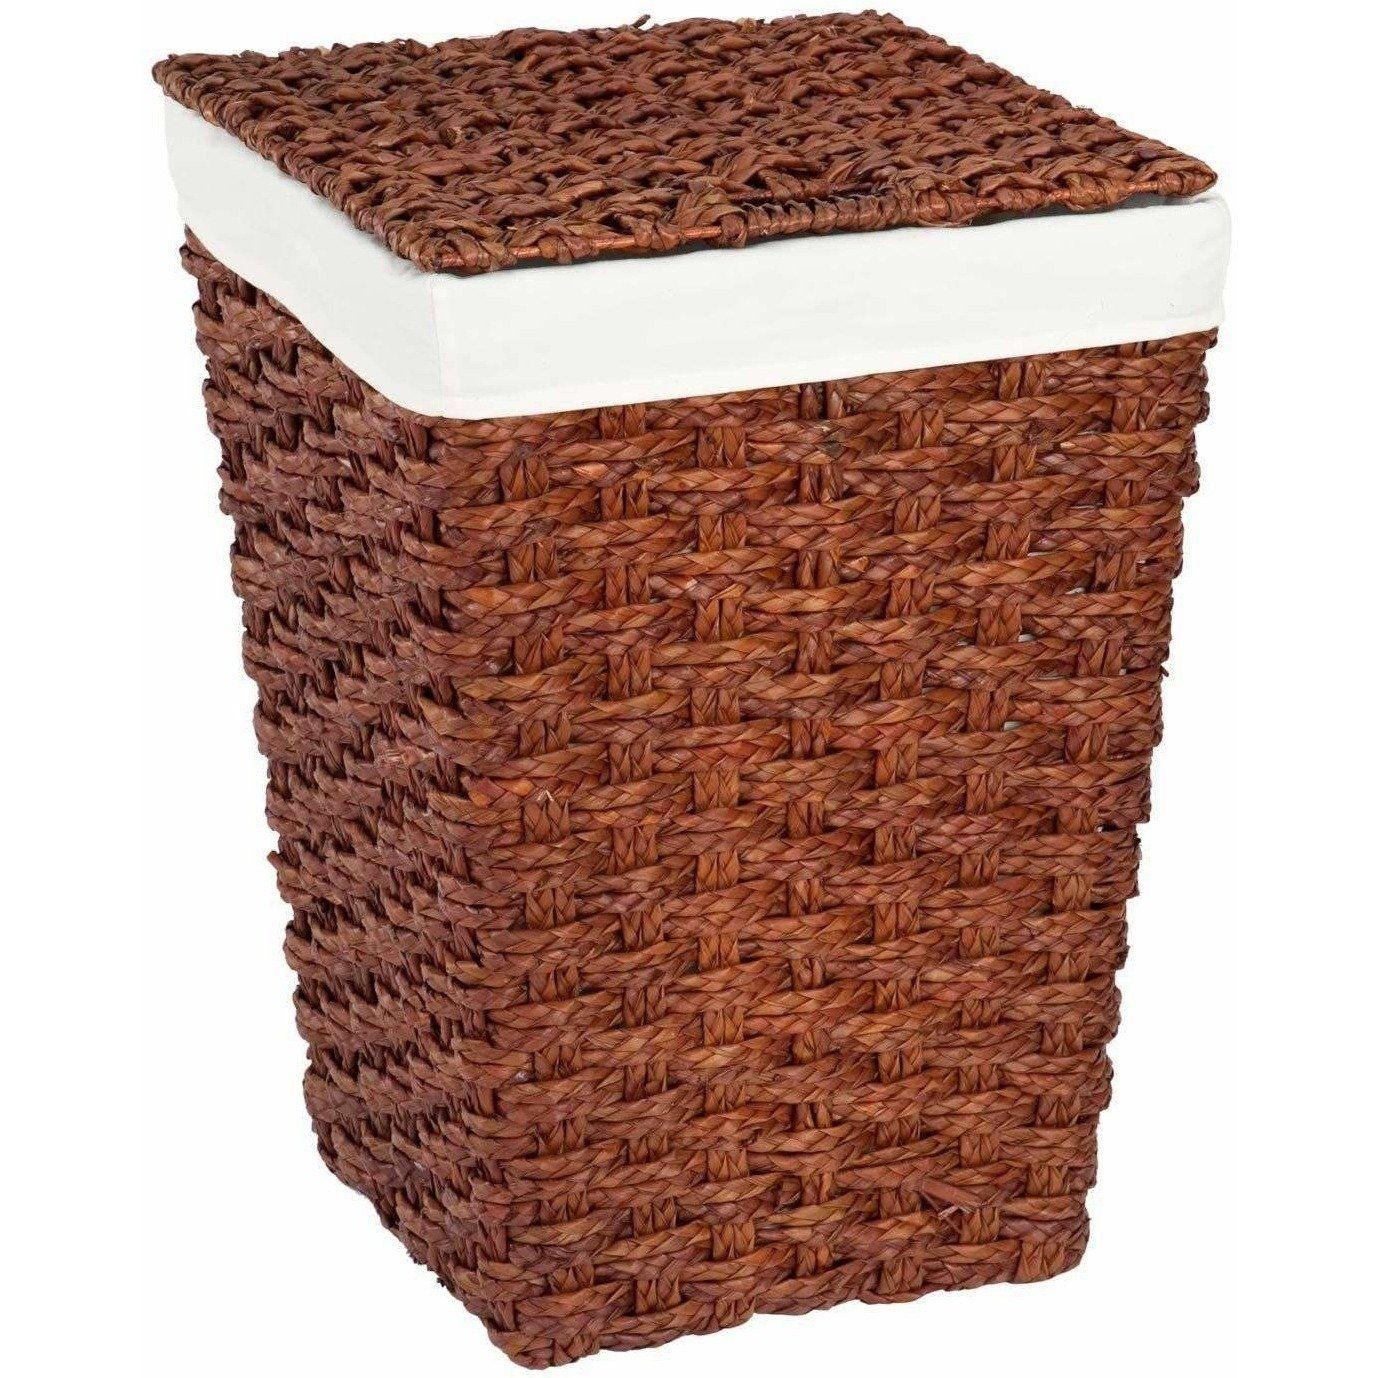 Set Of 3 Natural Brown Wicker Baskets Laundry Hamper Hamper Basket